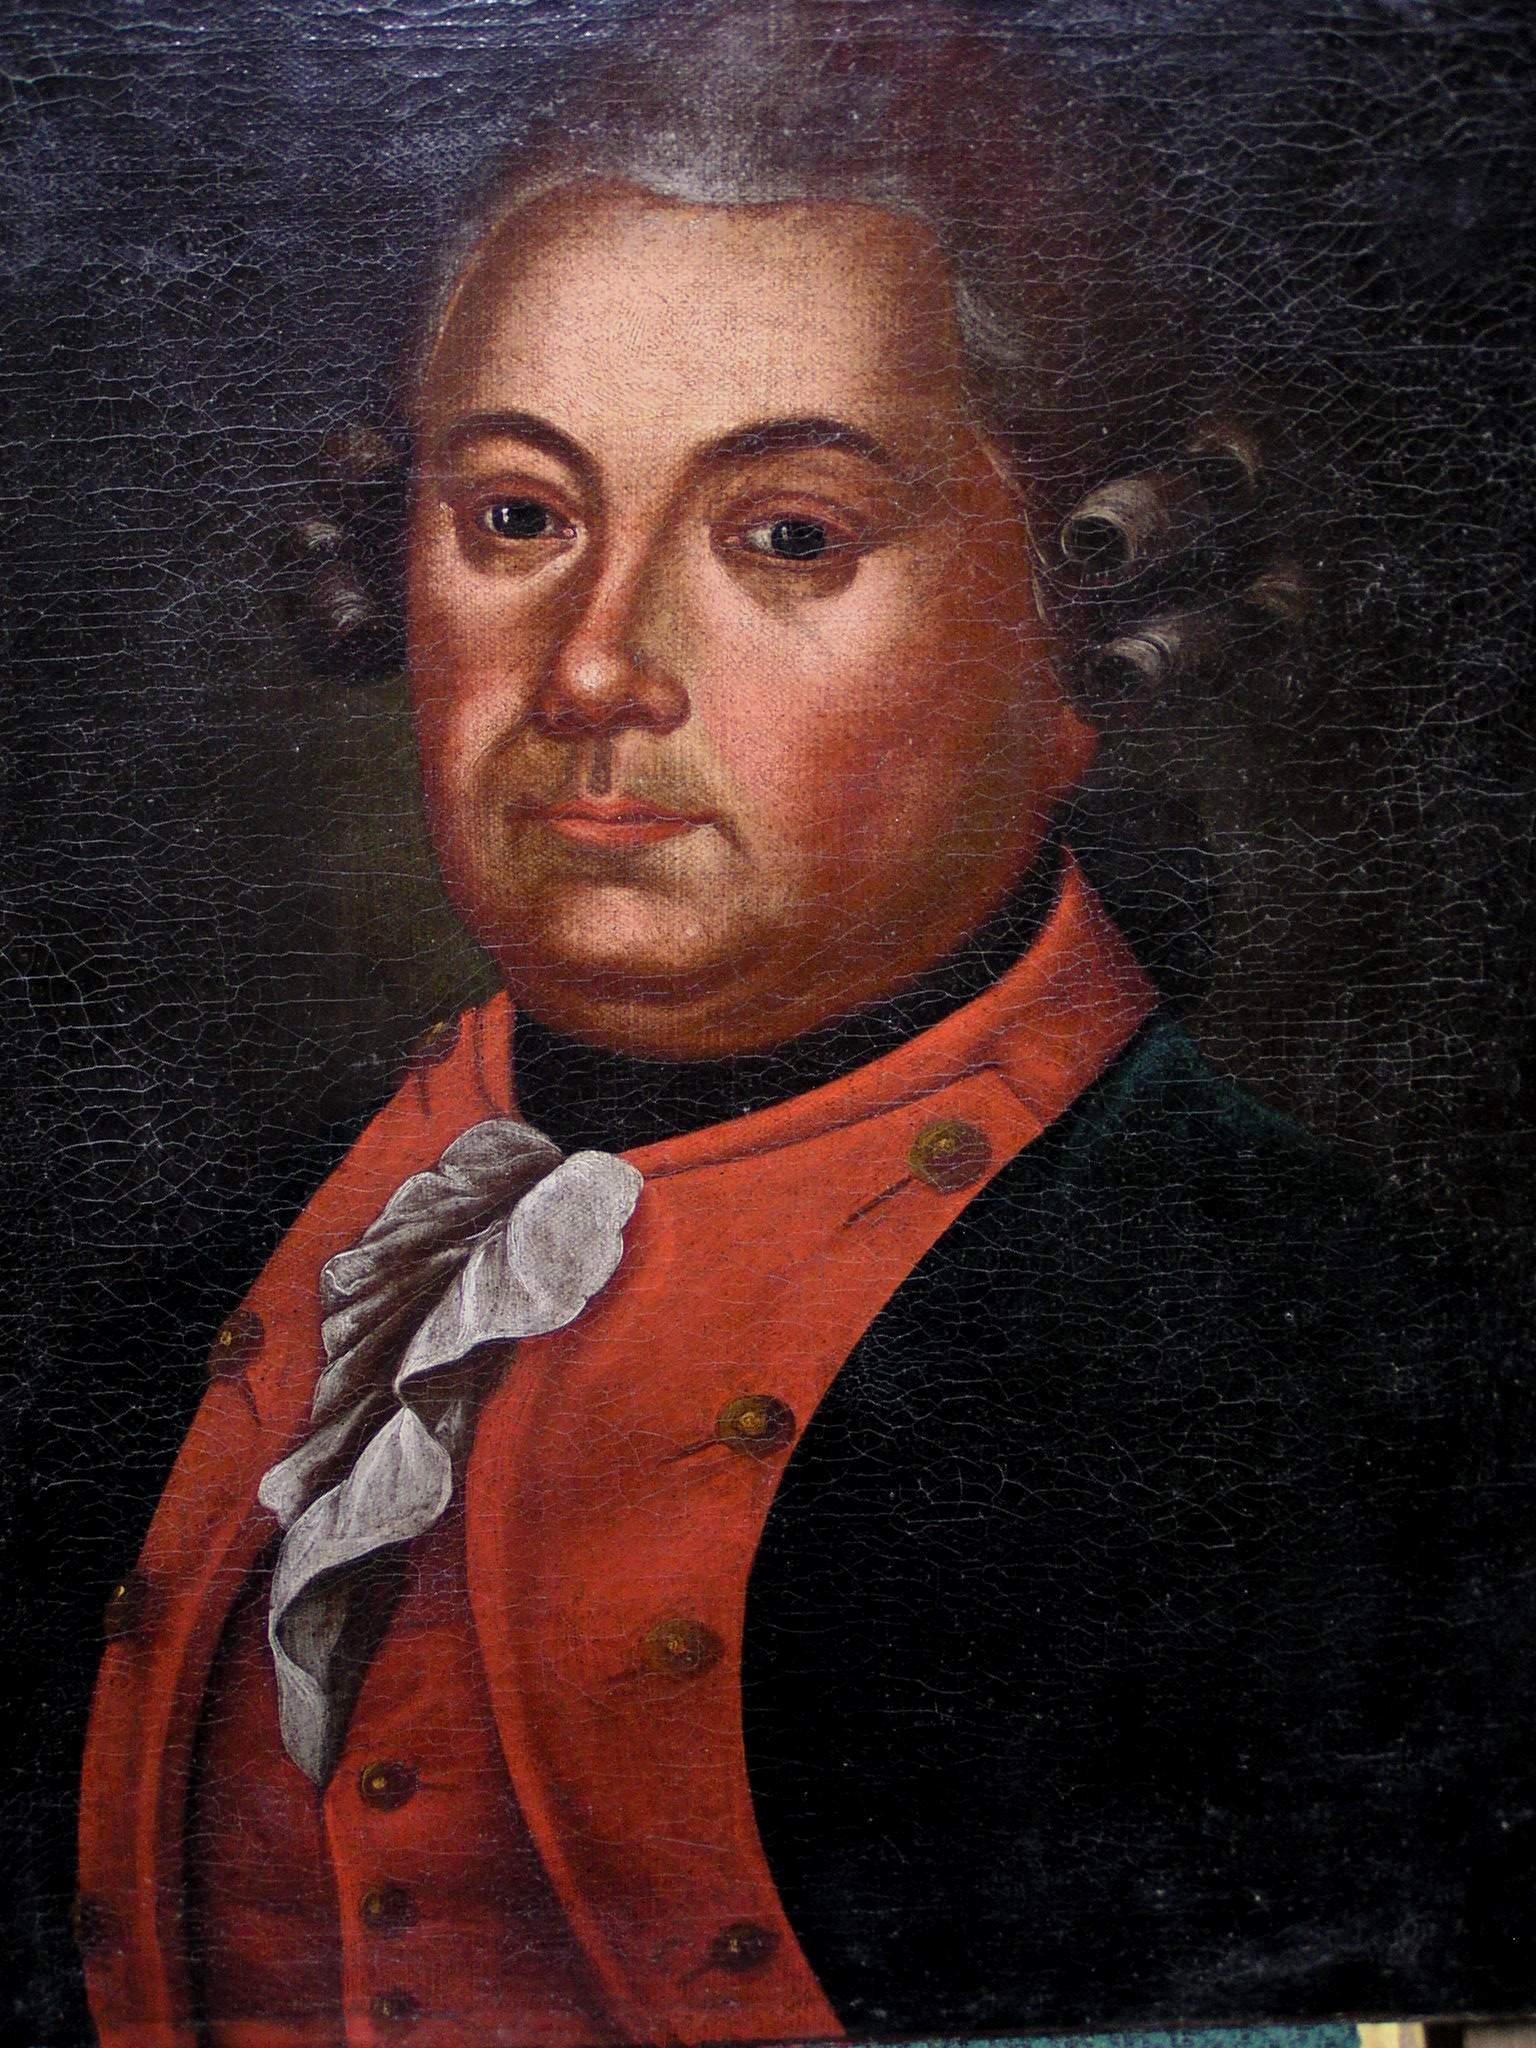 Юрий Алексеевич Пушкин (1743-1793), переименованный в Алексея Фёдоровича, своего отца.